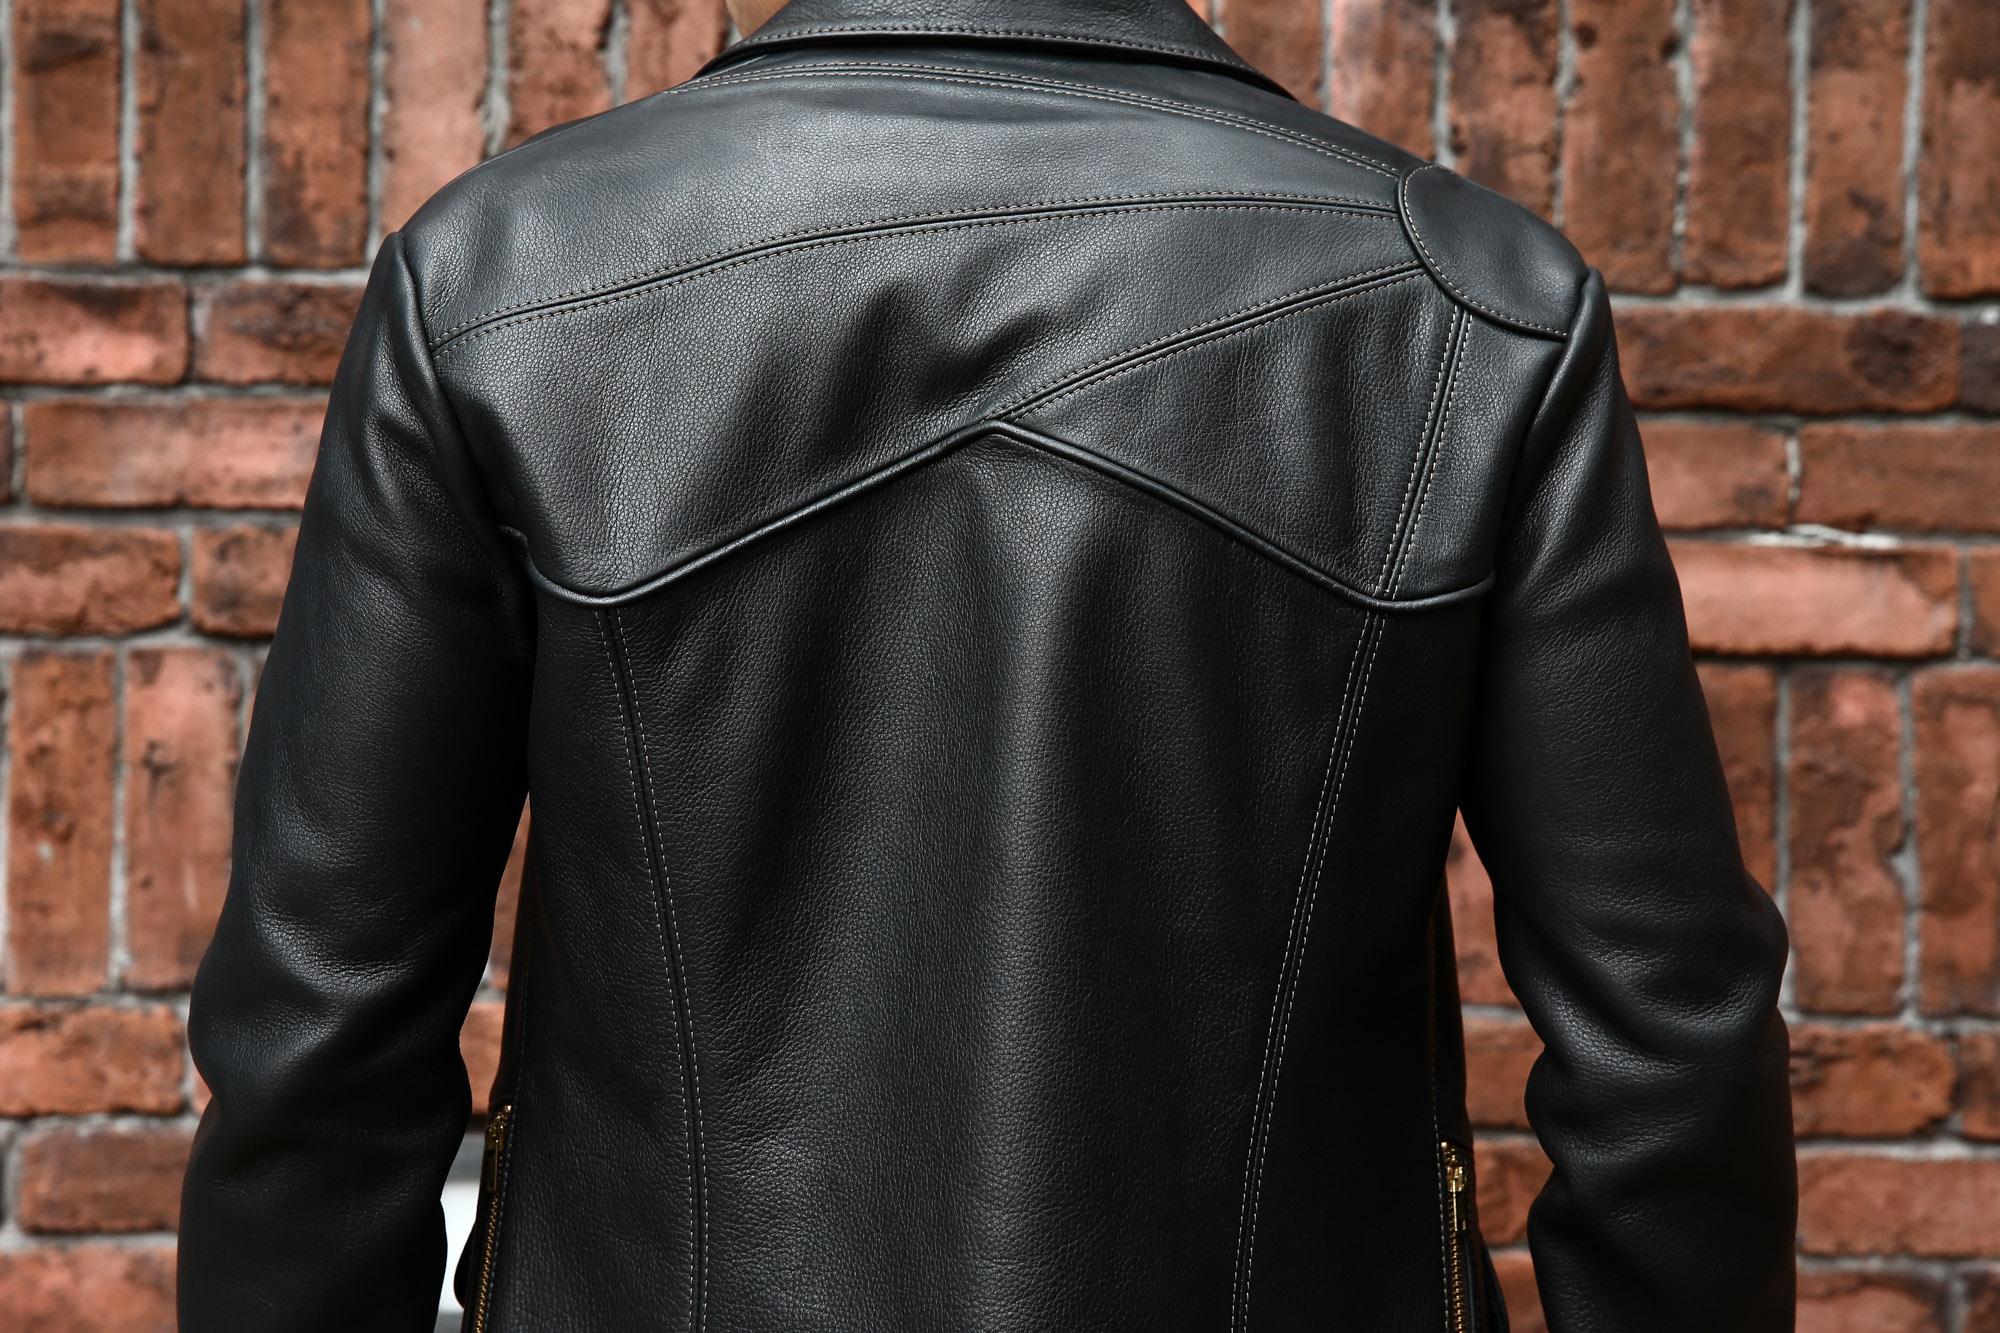 Southparadiso leather  SMOKE / サウスパラディソレザー スモークのブランド画像